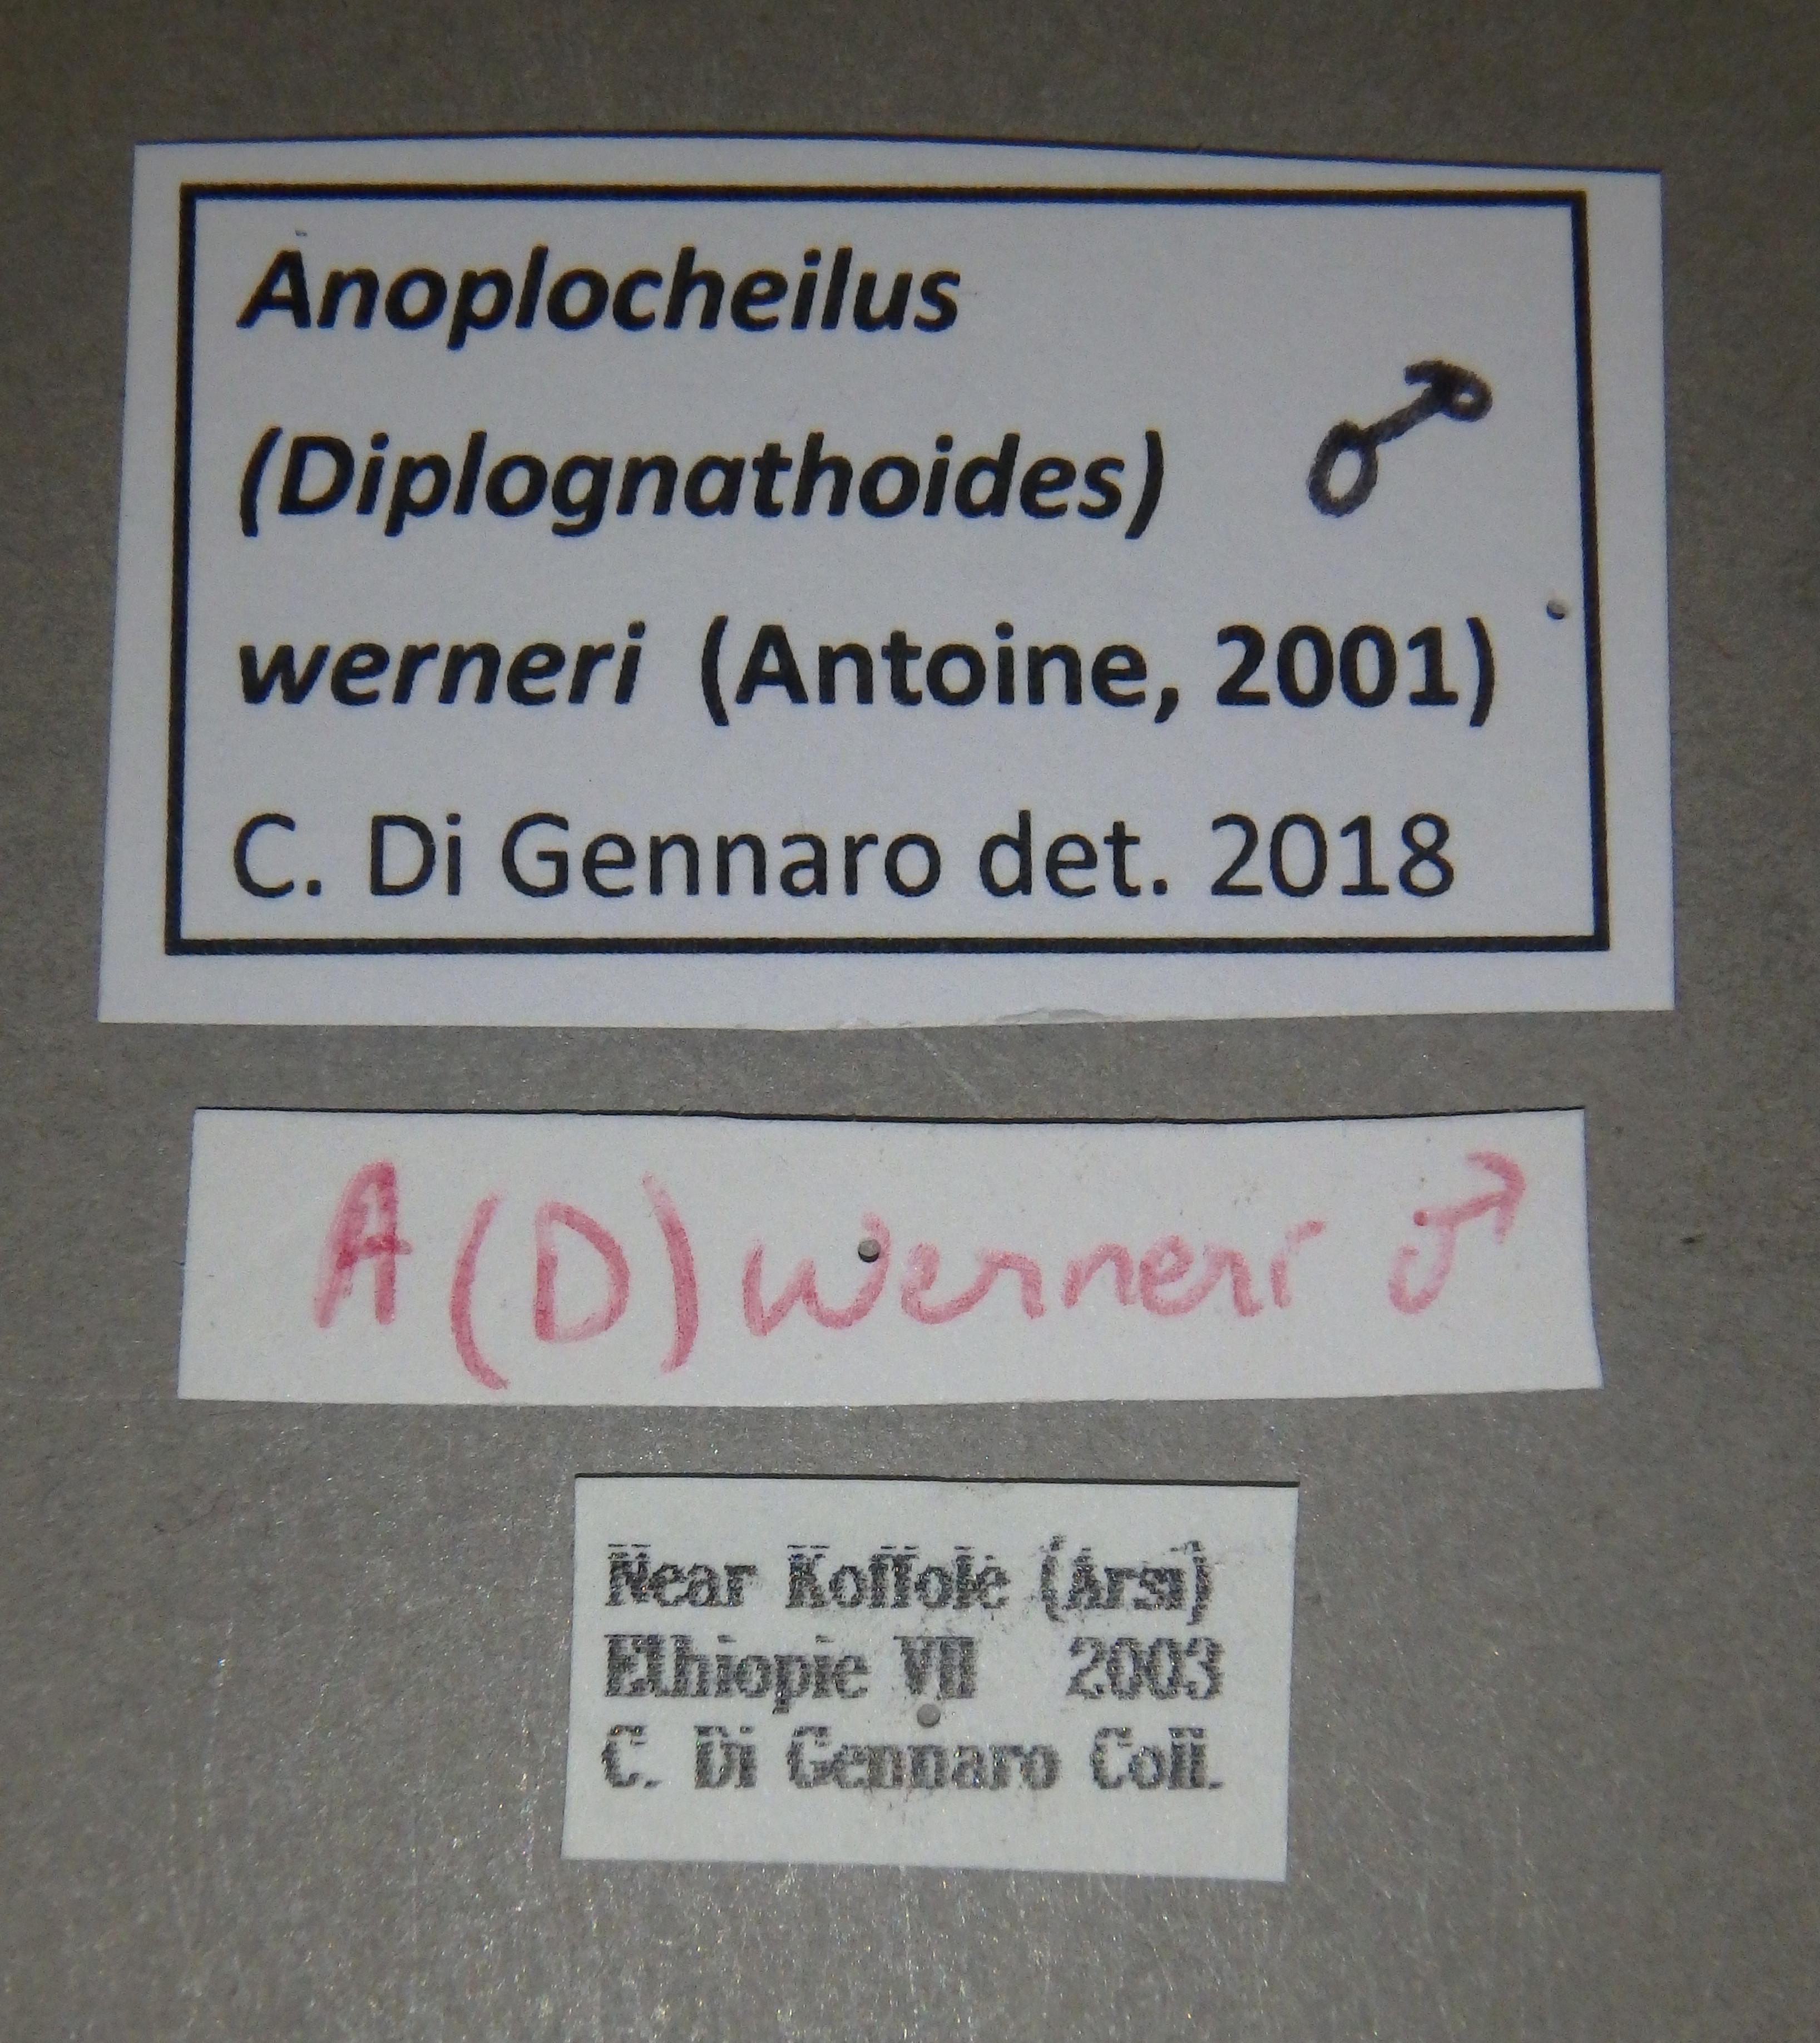 Anoplocheilus (Diplognathoides) werneri nt3 M Lb.JPG